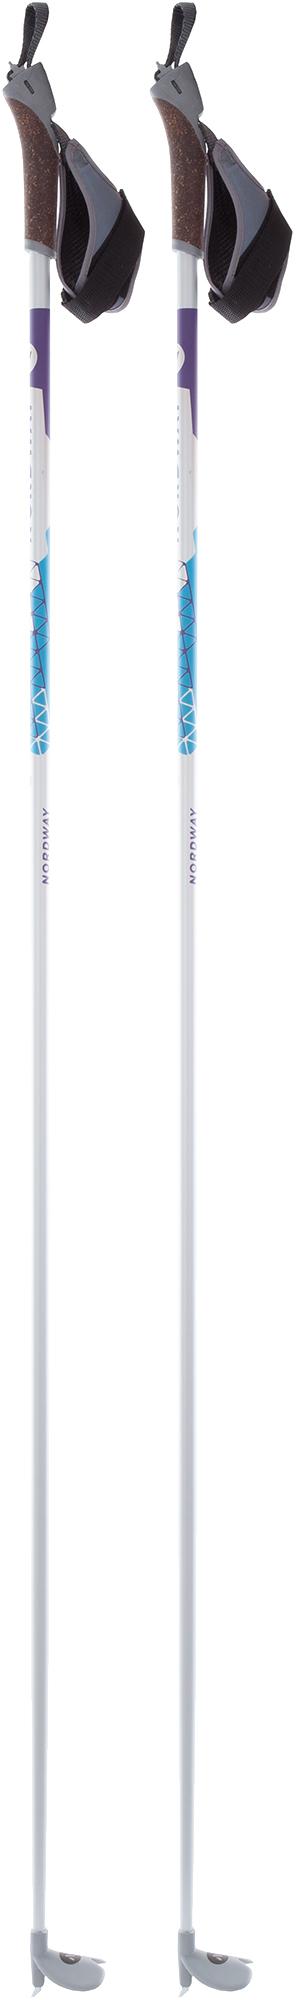 Nordway Палки для беговых лыж женские Nordway Vega, размер 155